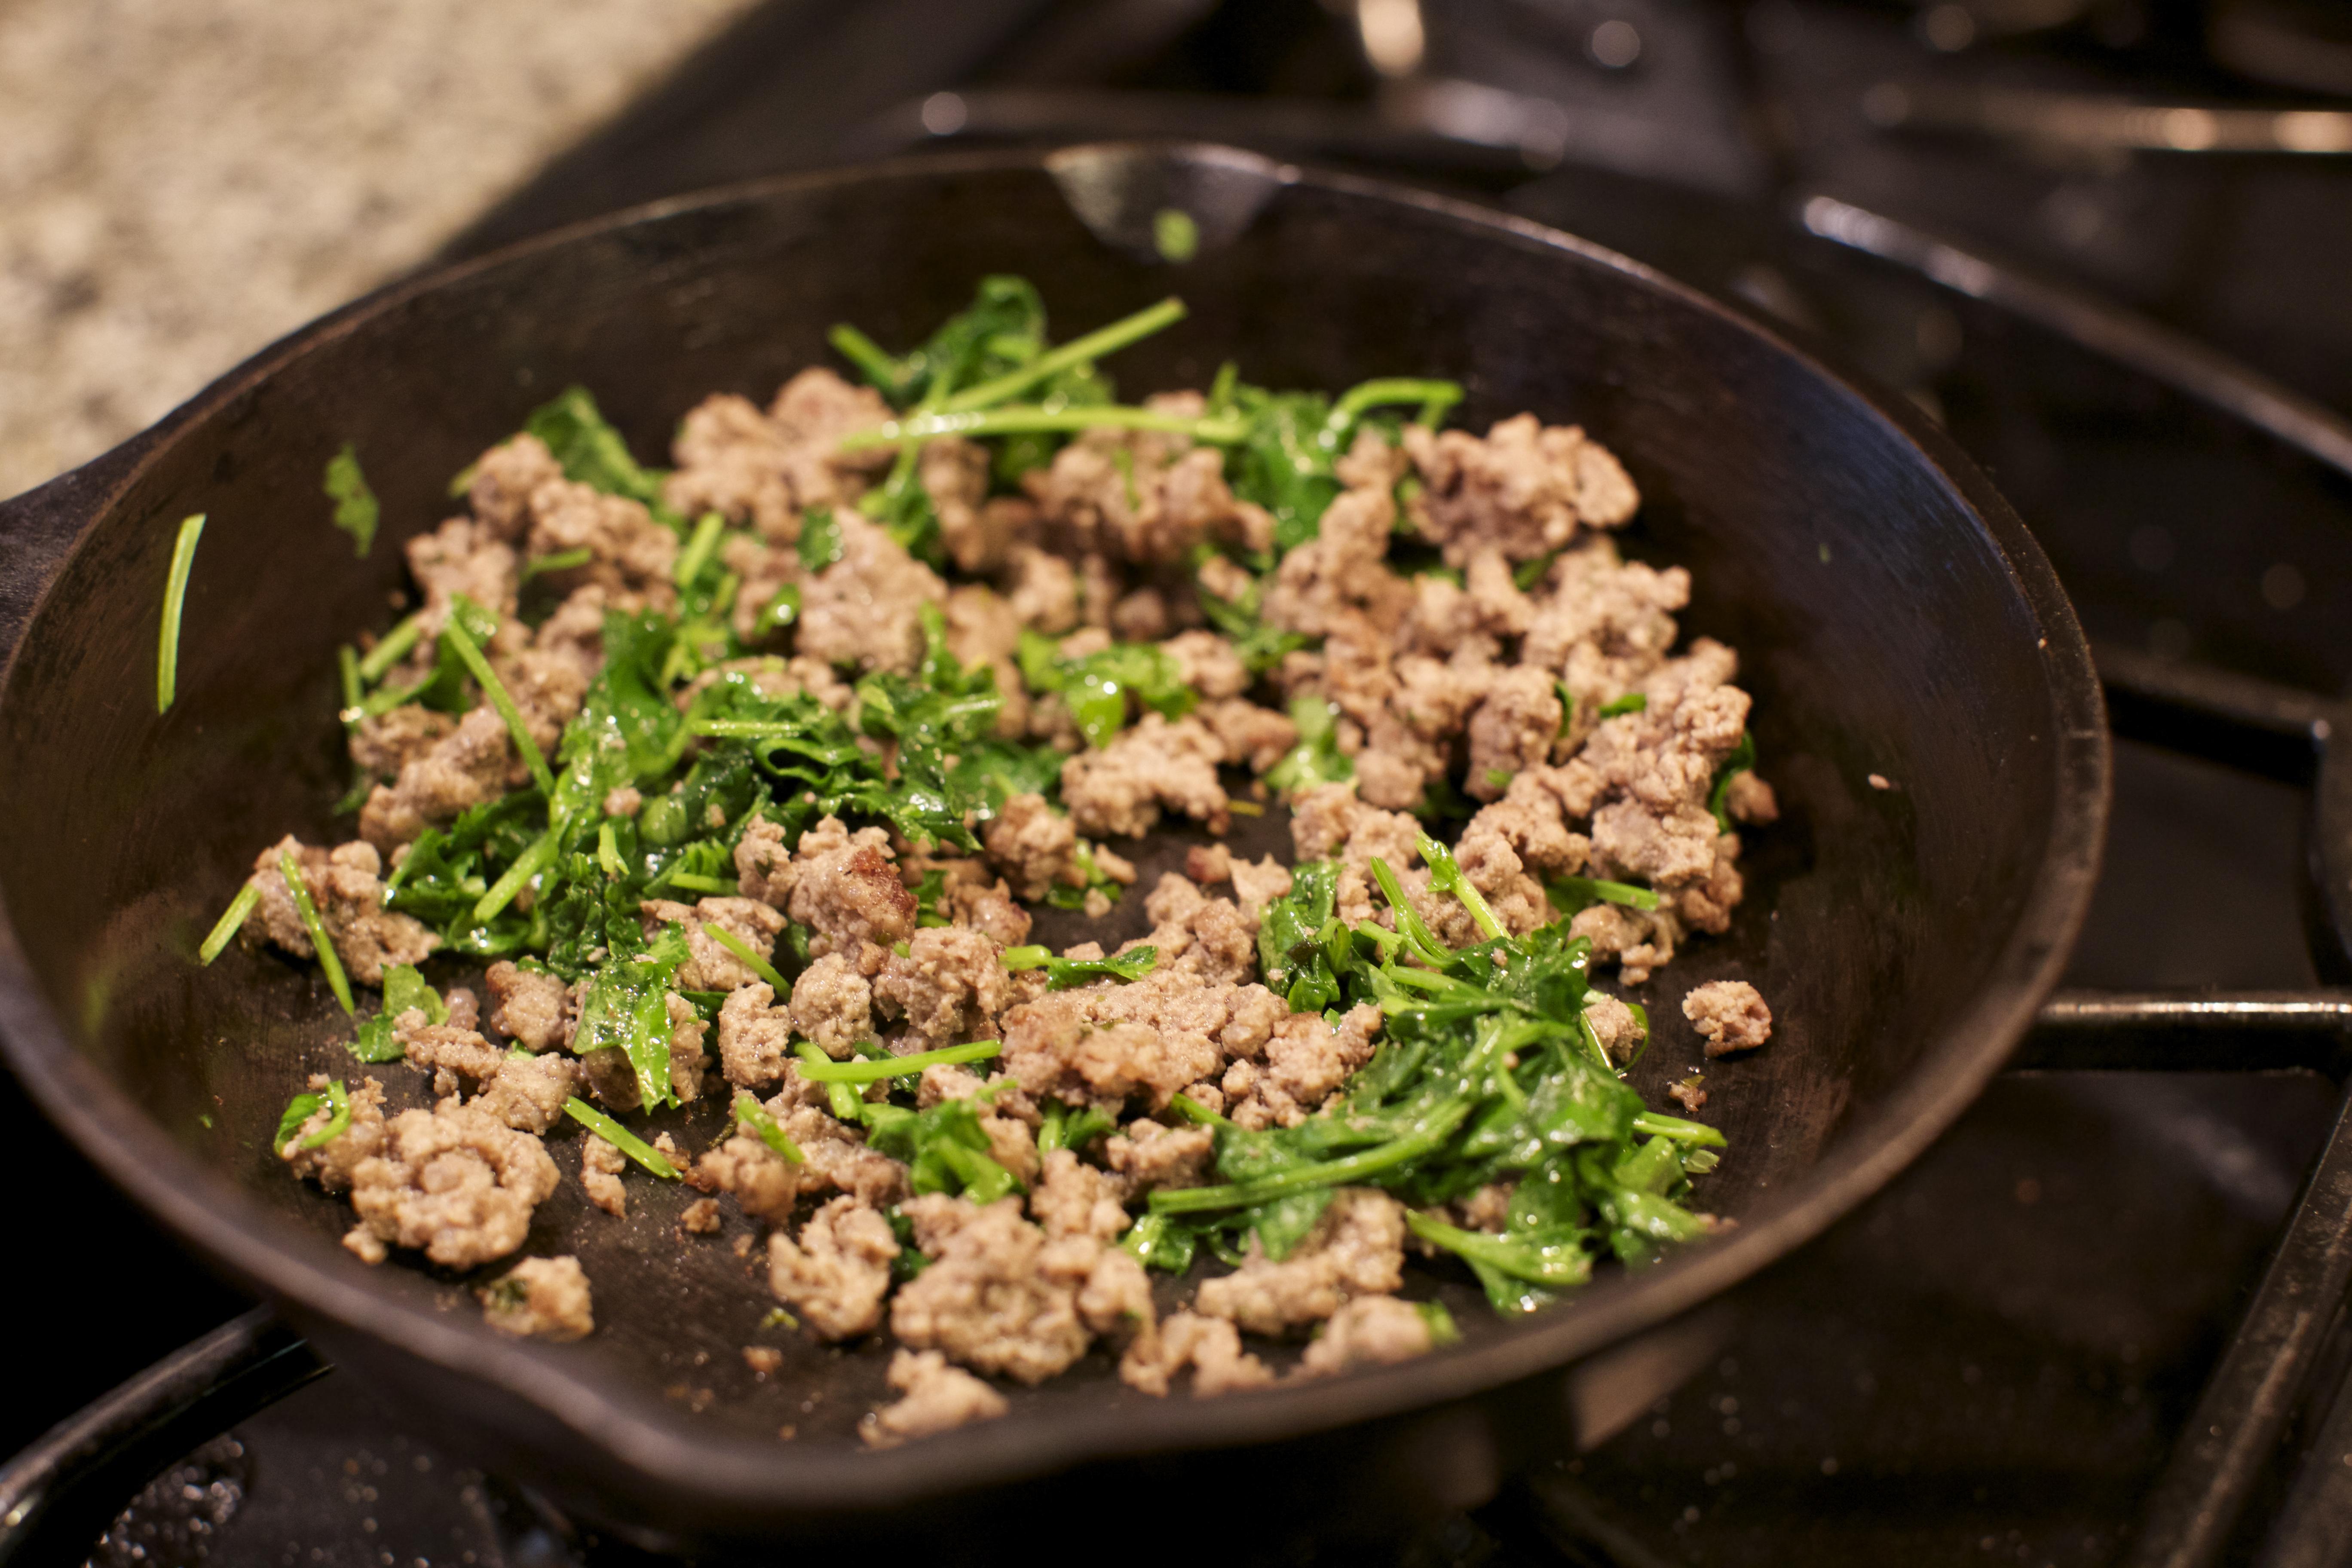 Garlic and Rosemary Ground Beef